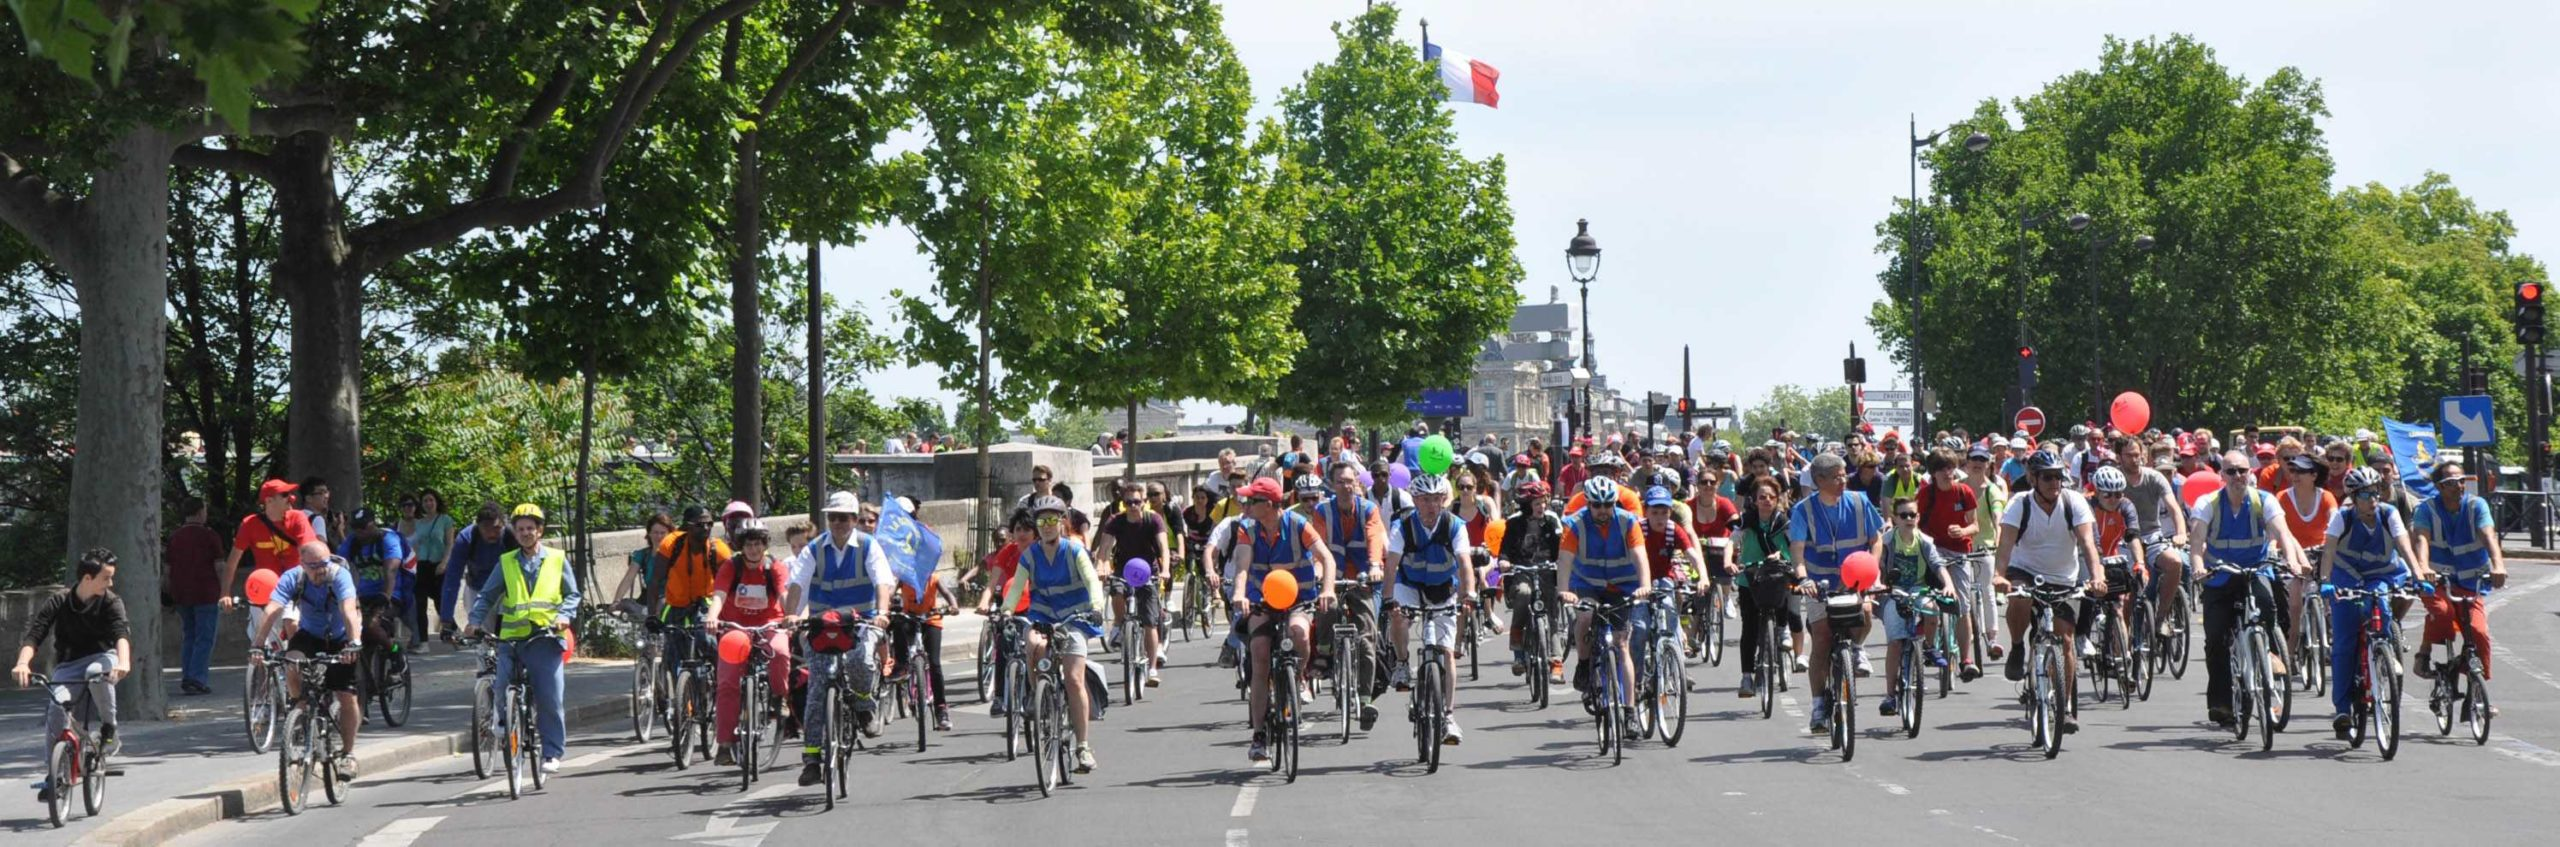 Convergence Vélo : venez fêter le vélo le 19 septembre ! Partout en Île-de-France